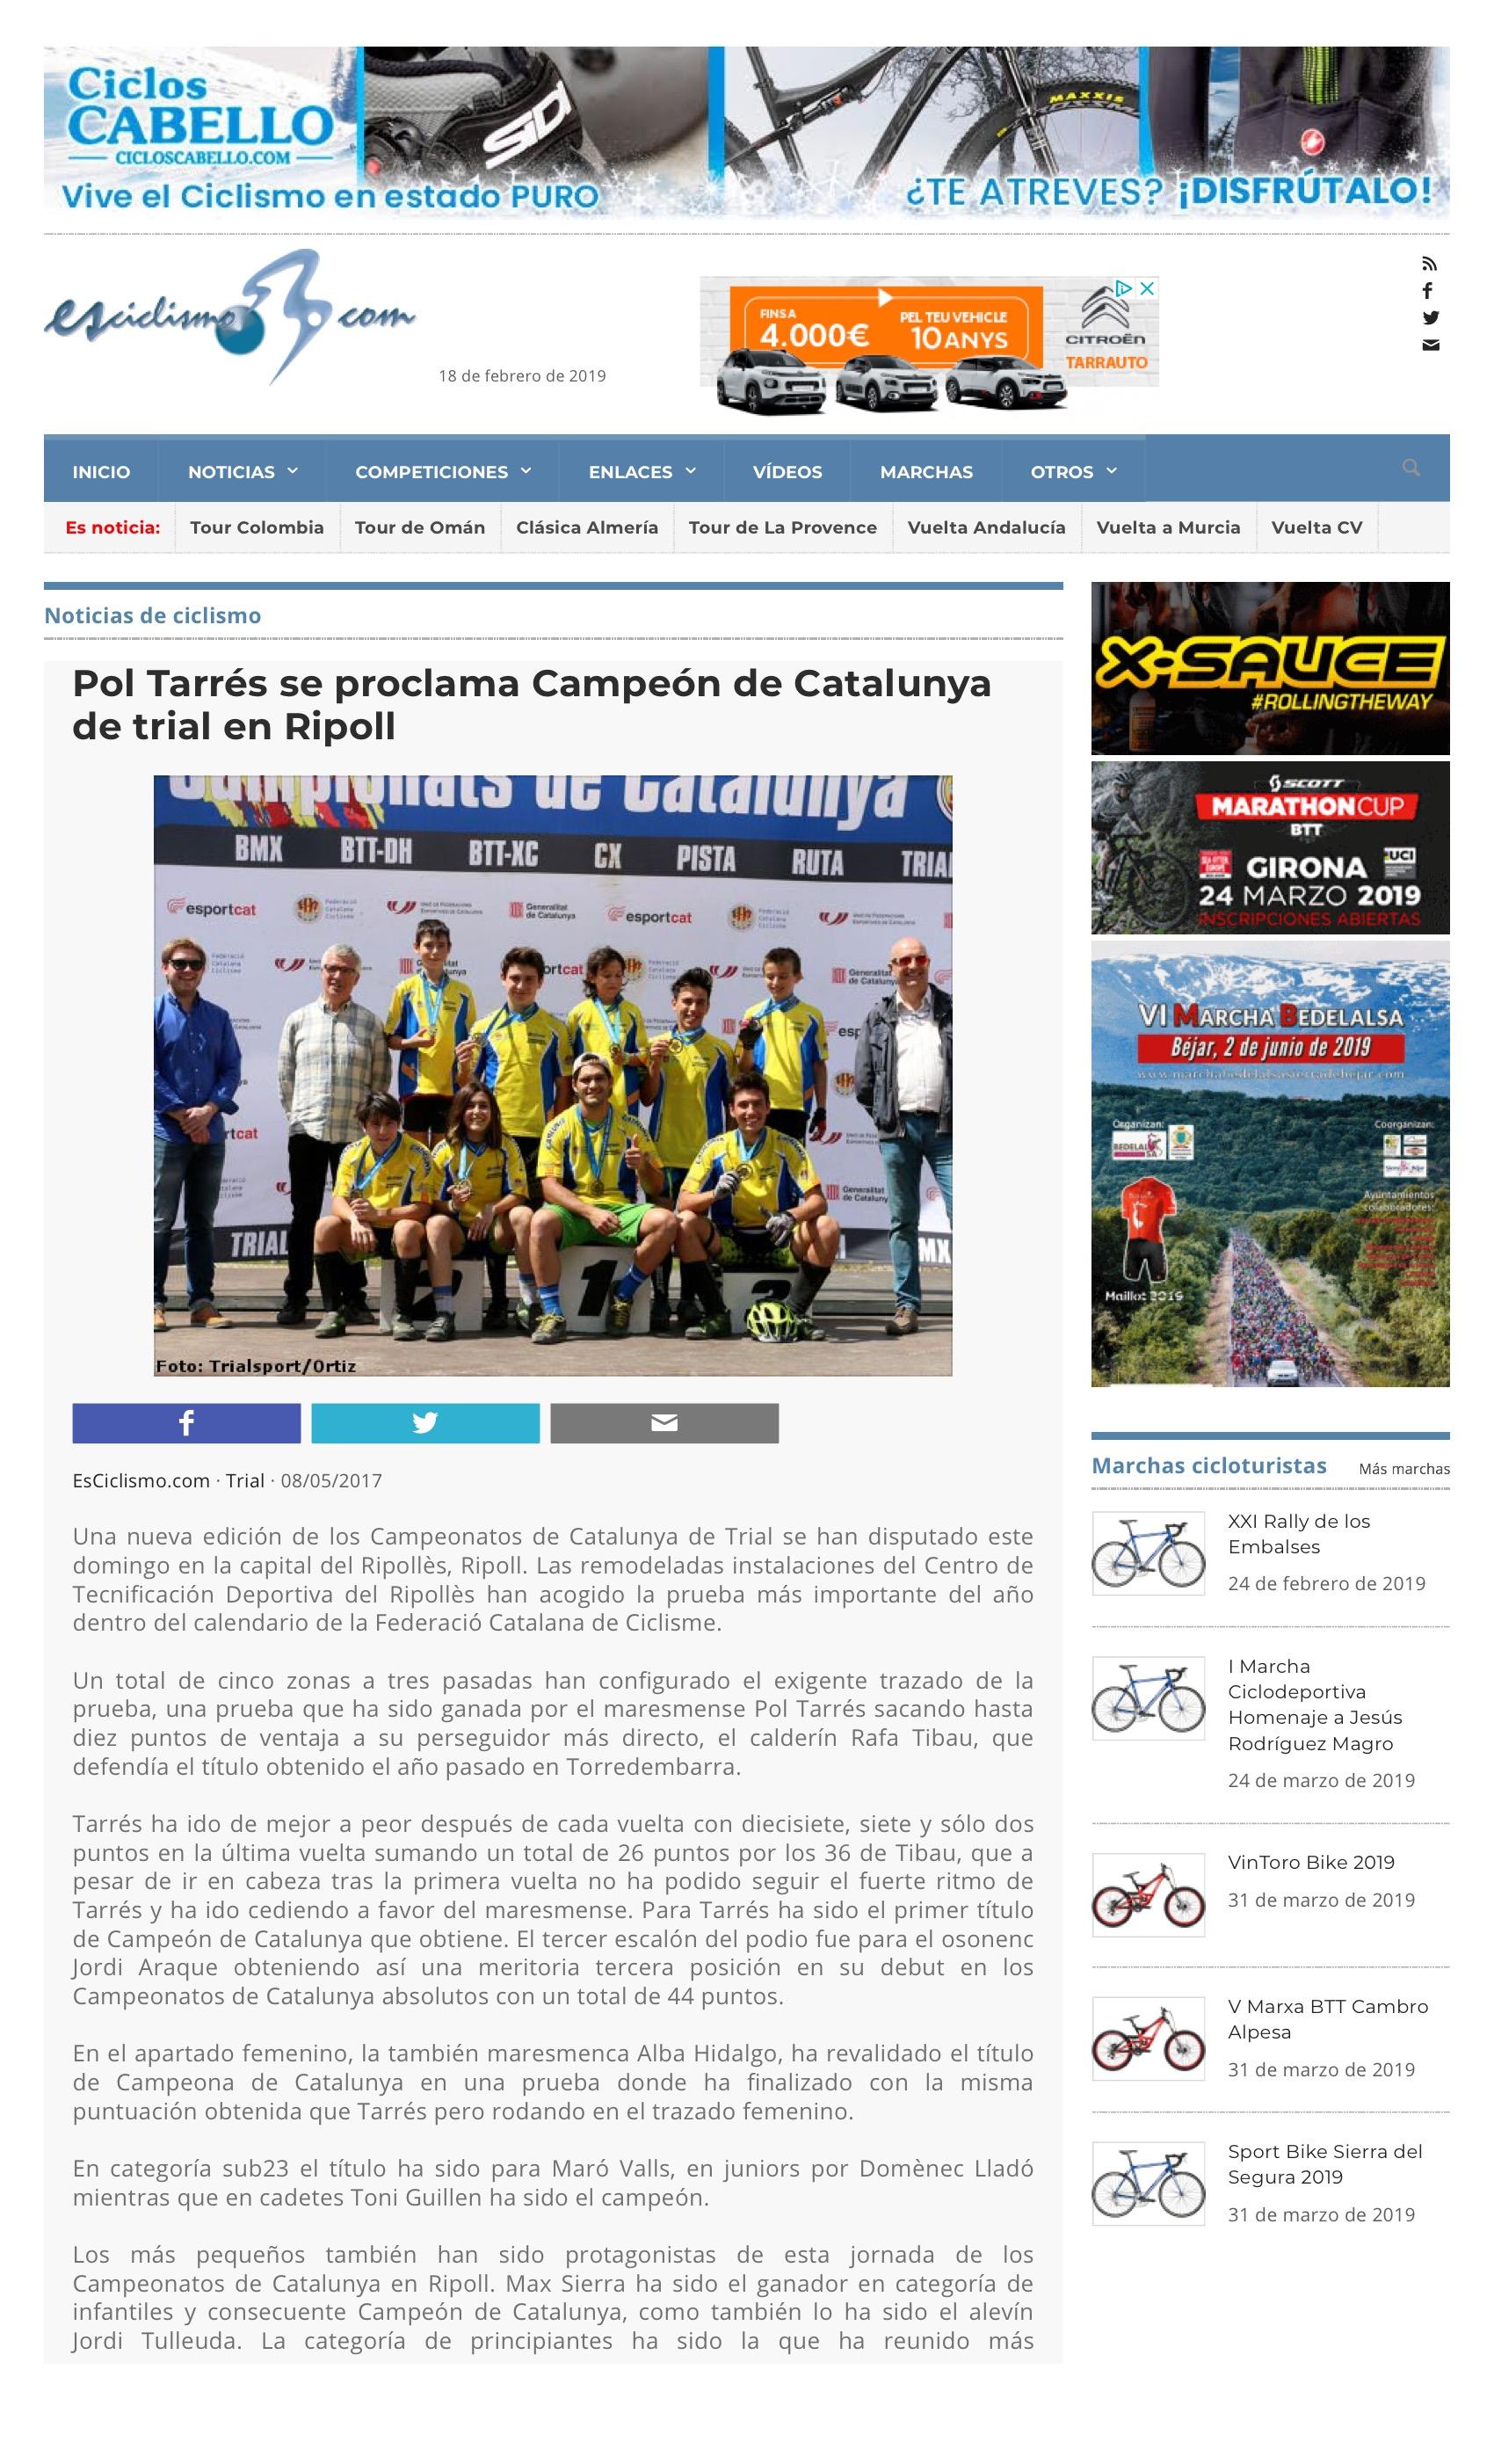 2017-5-8 Pol Tarrés se proclama Campeón de Catalunya de trial en Ripoll 3.jpeg